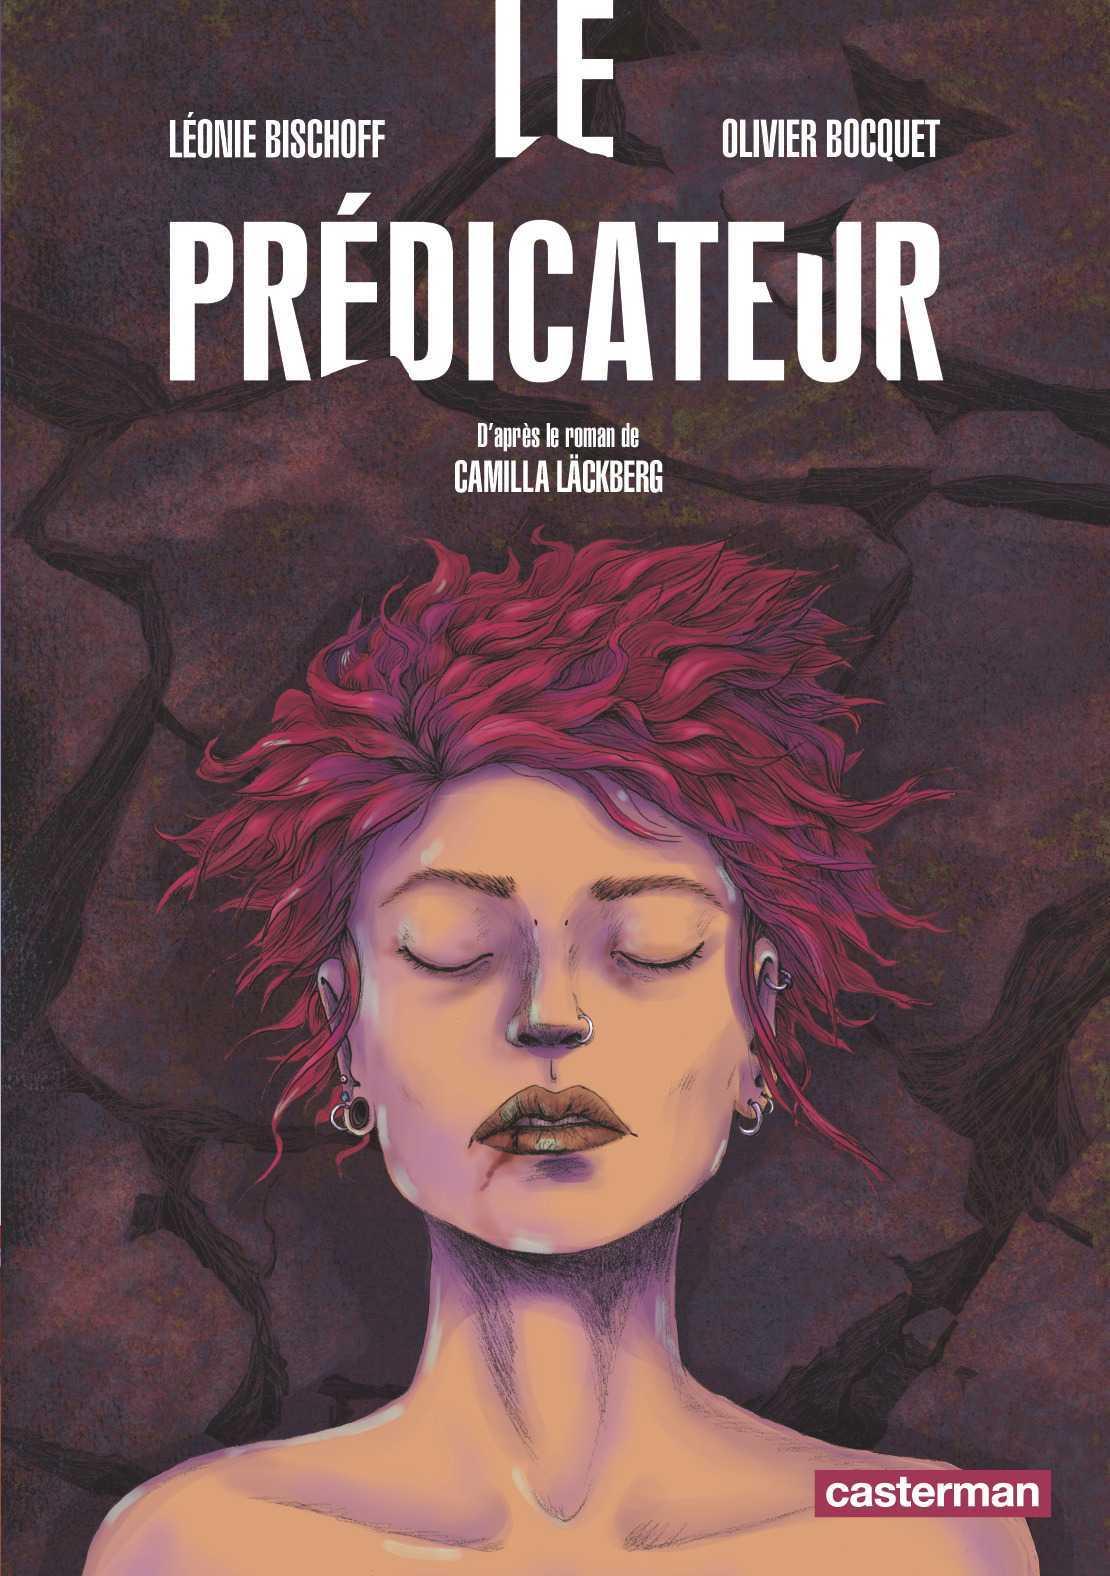 Le Prédicateur, Olivier Bocquet adapte Camilla Läckberg